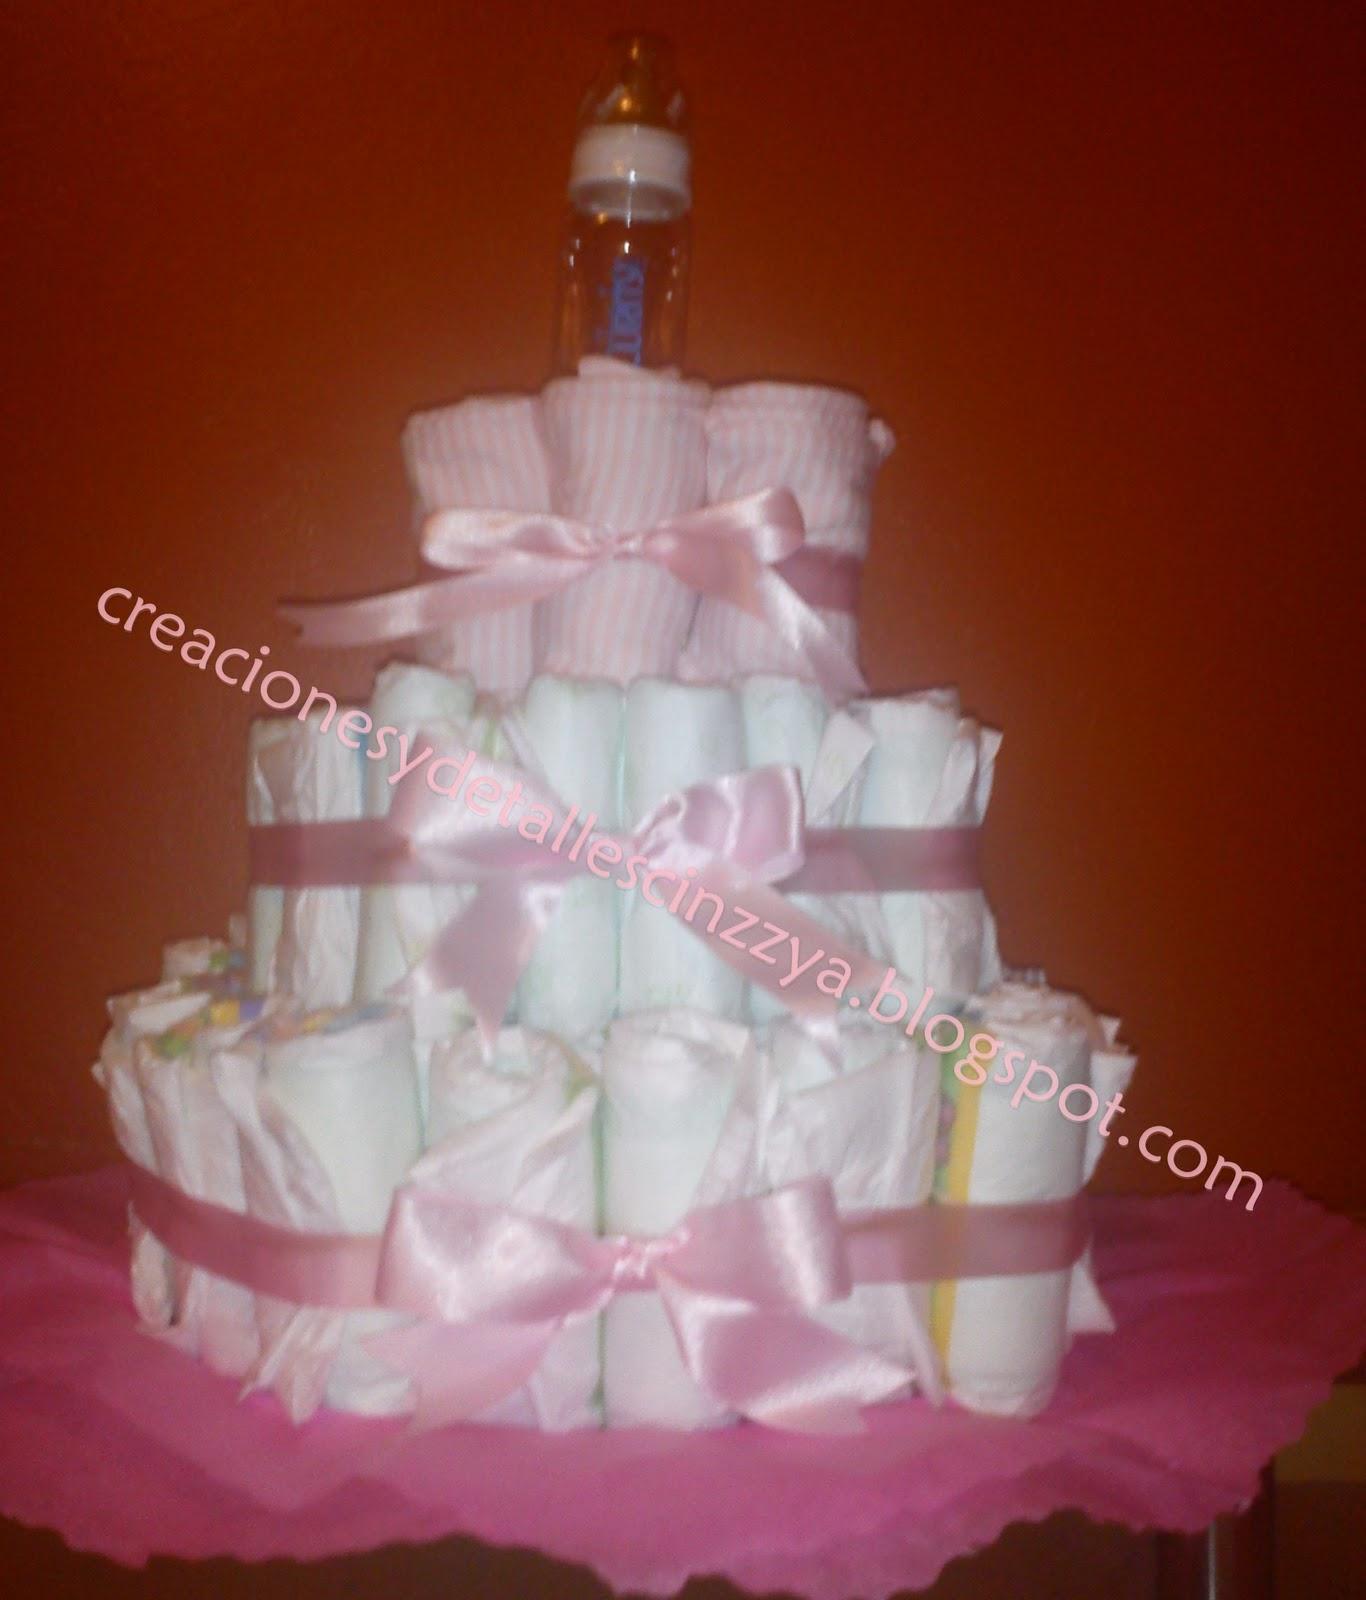 Detalles y creaciones cindy pastel de pa ales para baby shower - Detalles para baby shower ...